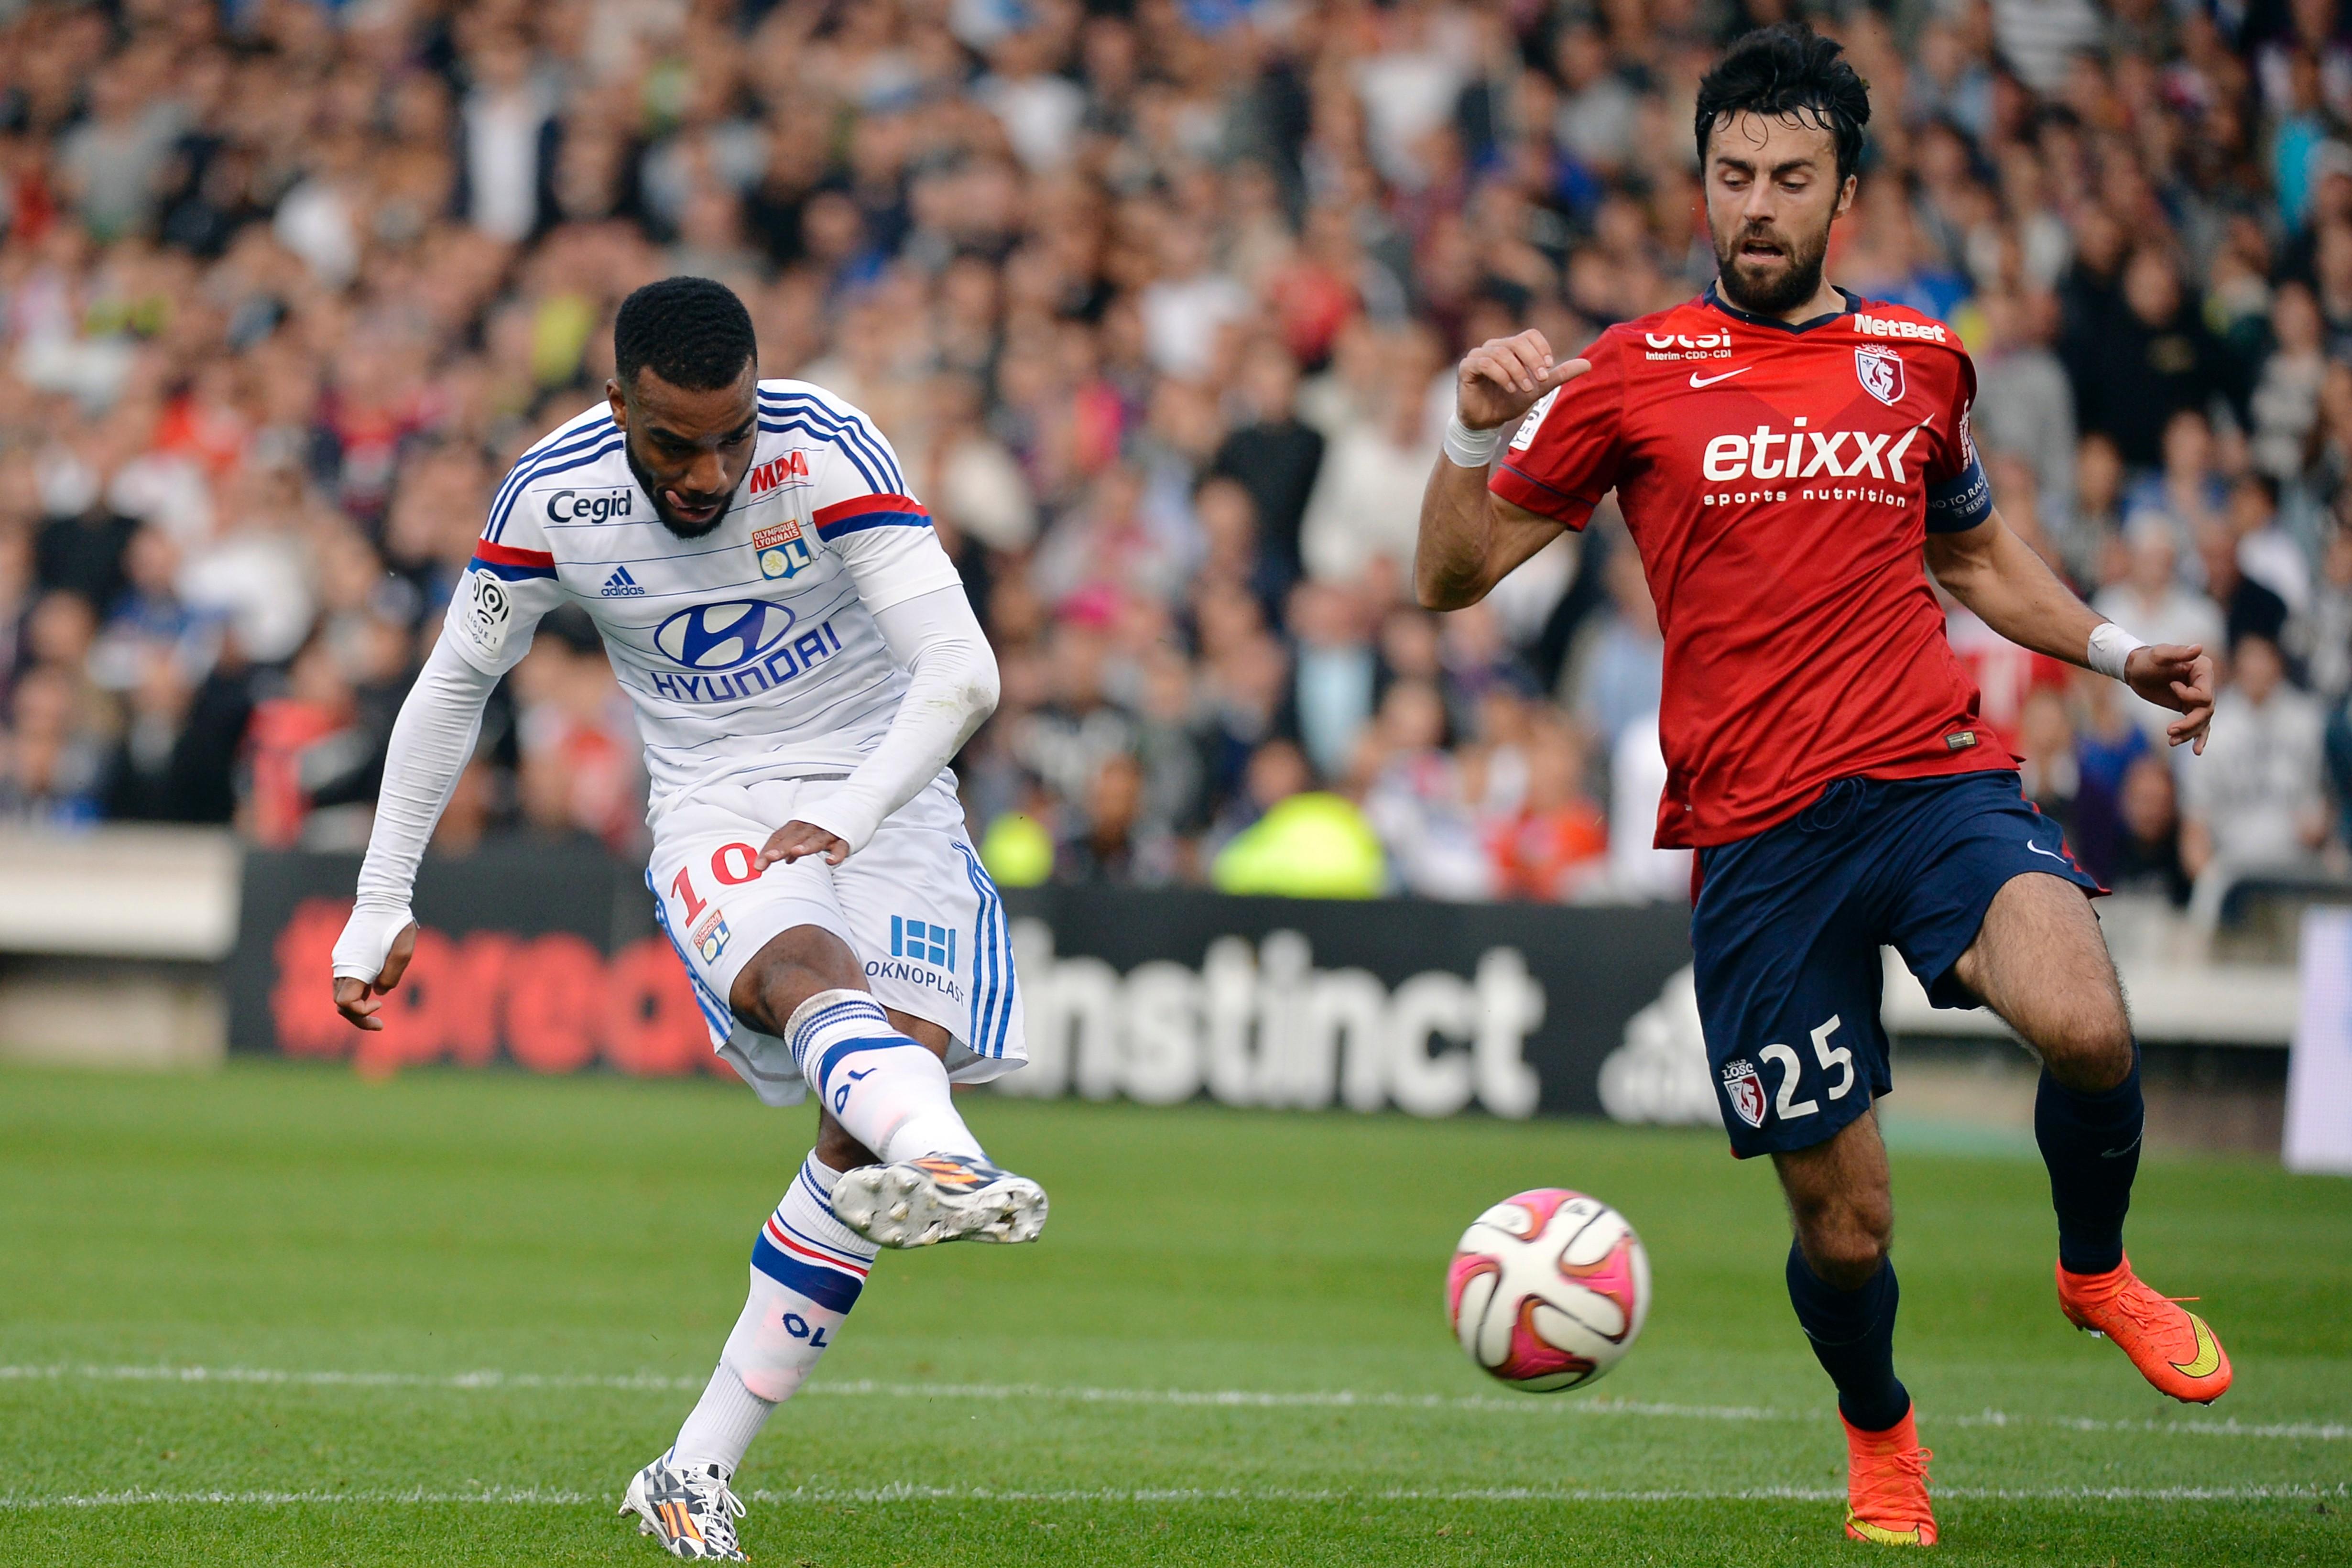 Ponturi pariuri Lyon vs Lille – Ligue 1